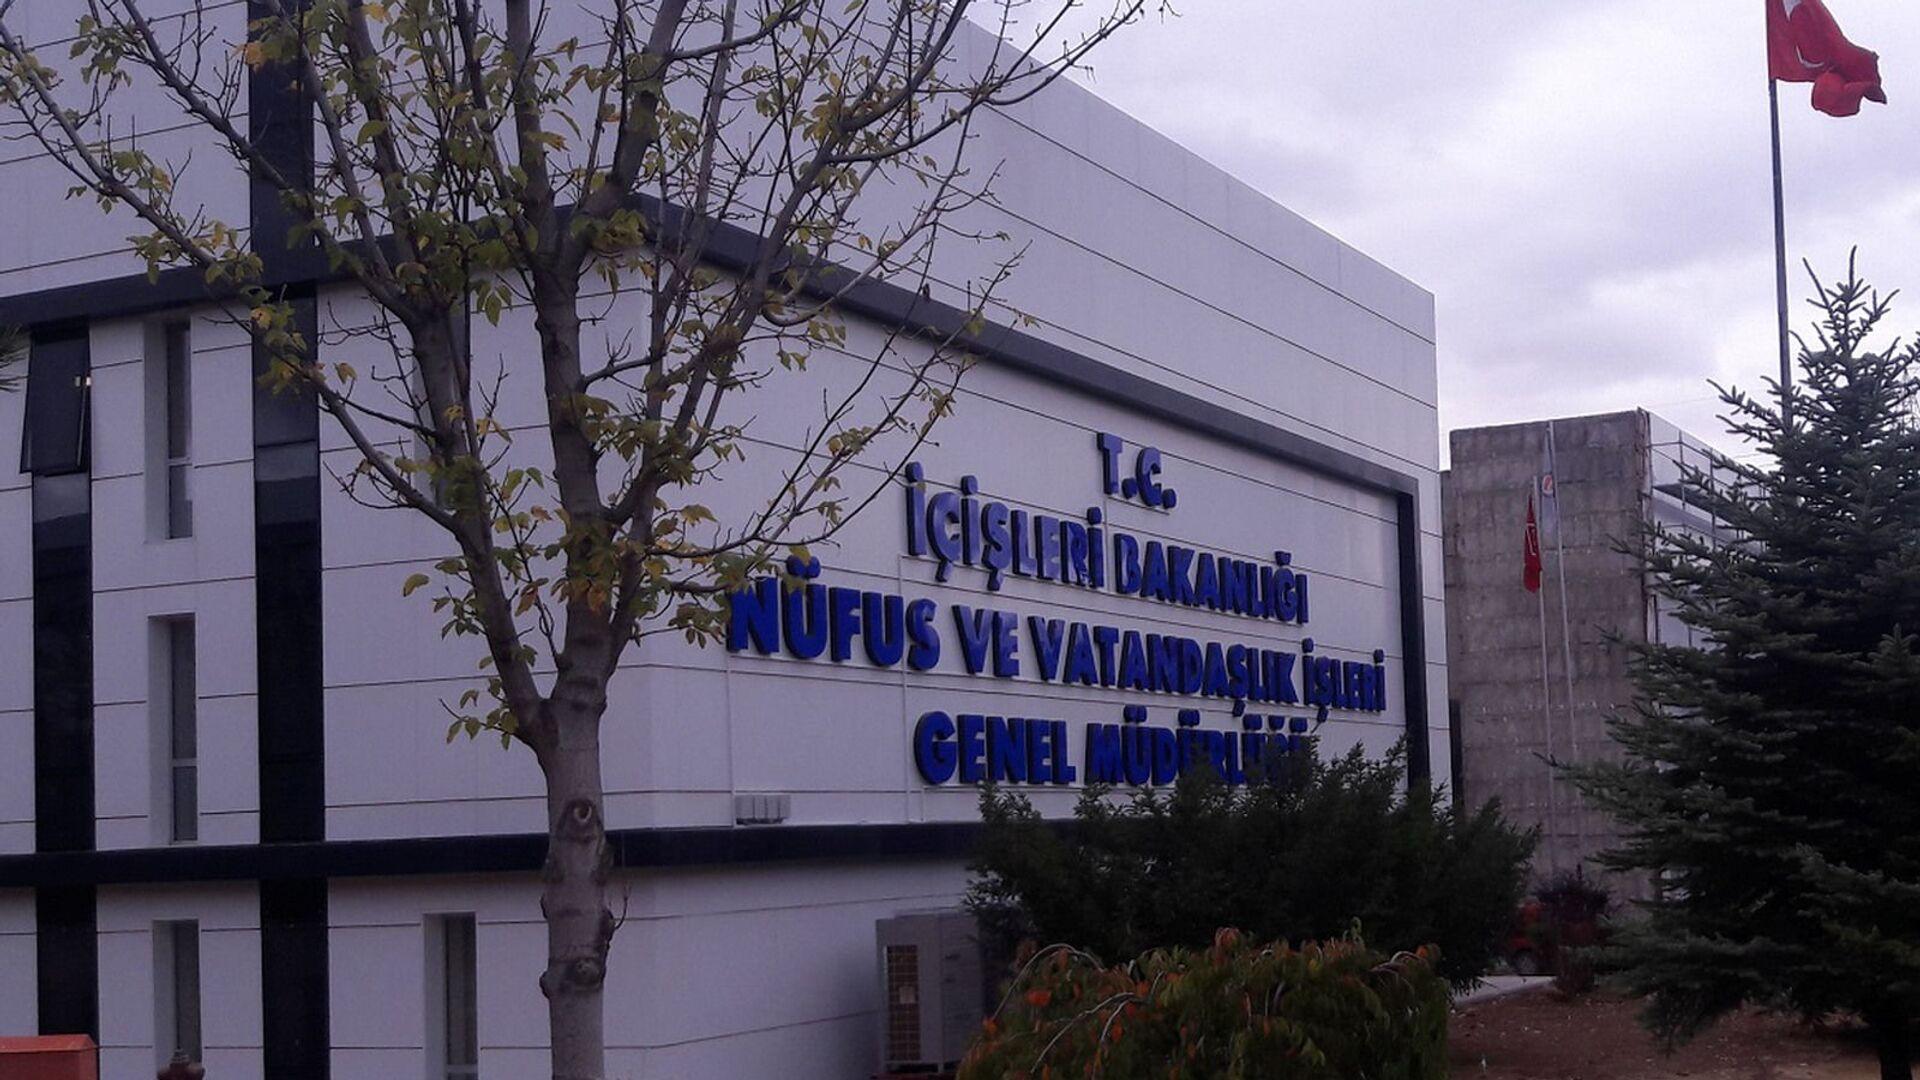 Nüfus ve Vatandaşlık İşleri Genel Müdürlüğü - Sputnik Türkiye, 1920, 08.04.2021